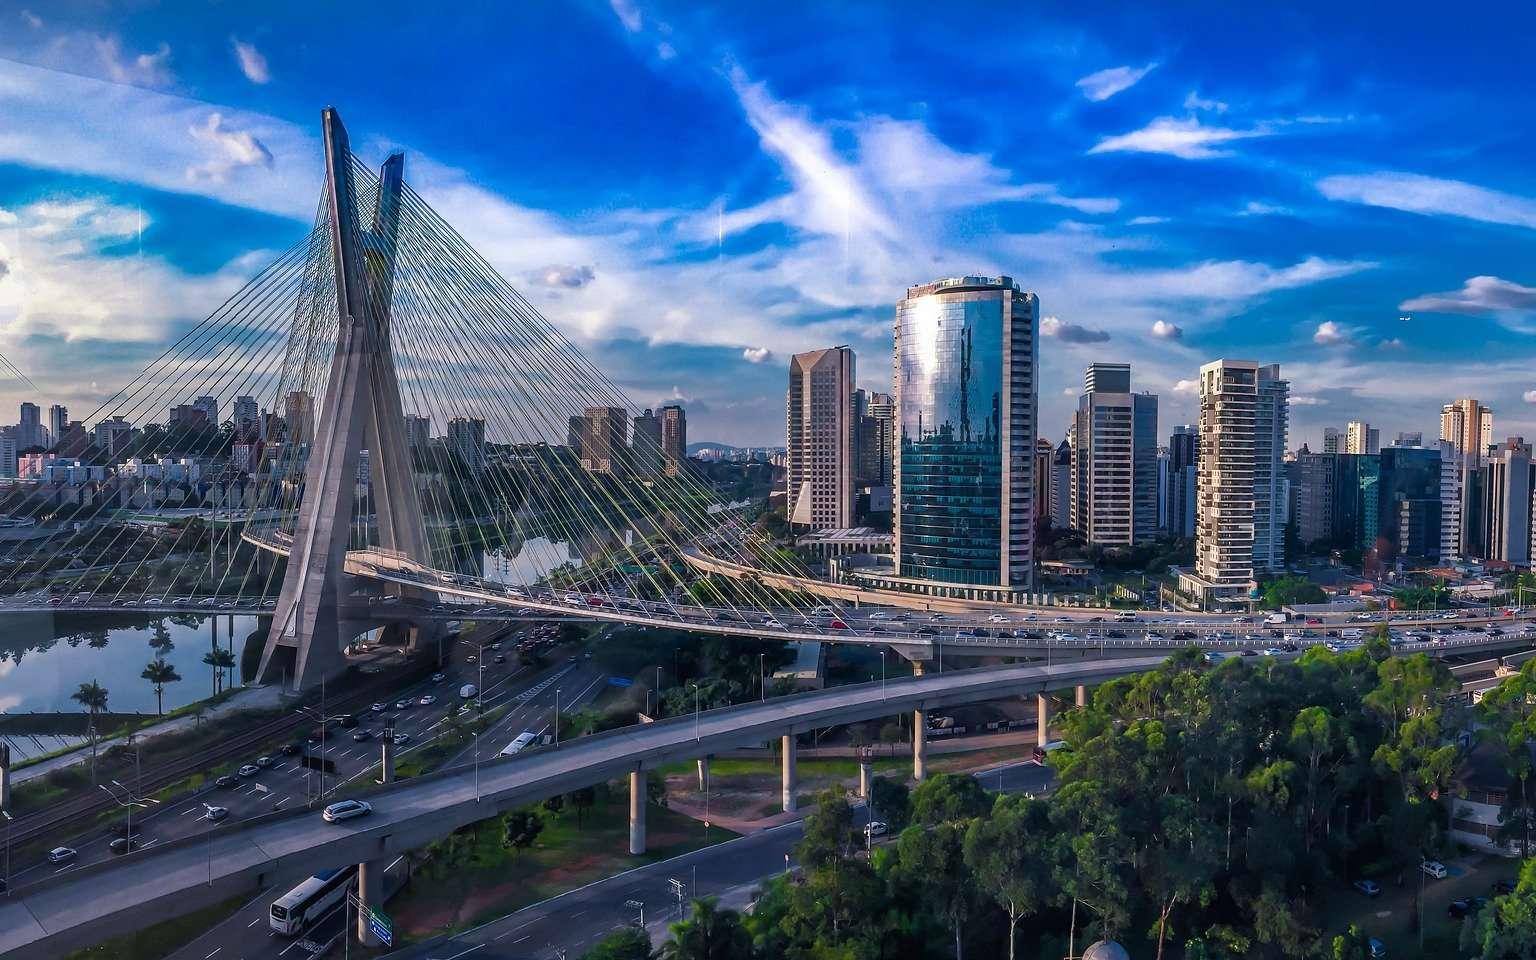 La métropolisation et l'urbanisation du monde ont des impacts considérables sur notre Planète bleue. © Ikedaleo, Pixabay, DP